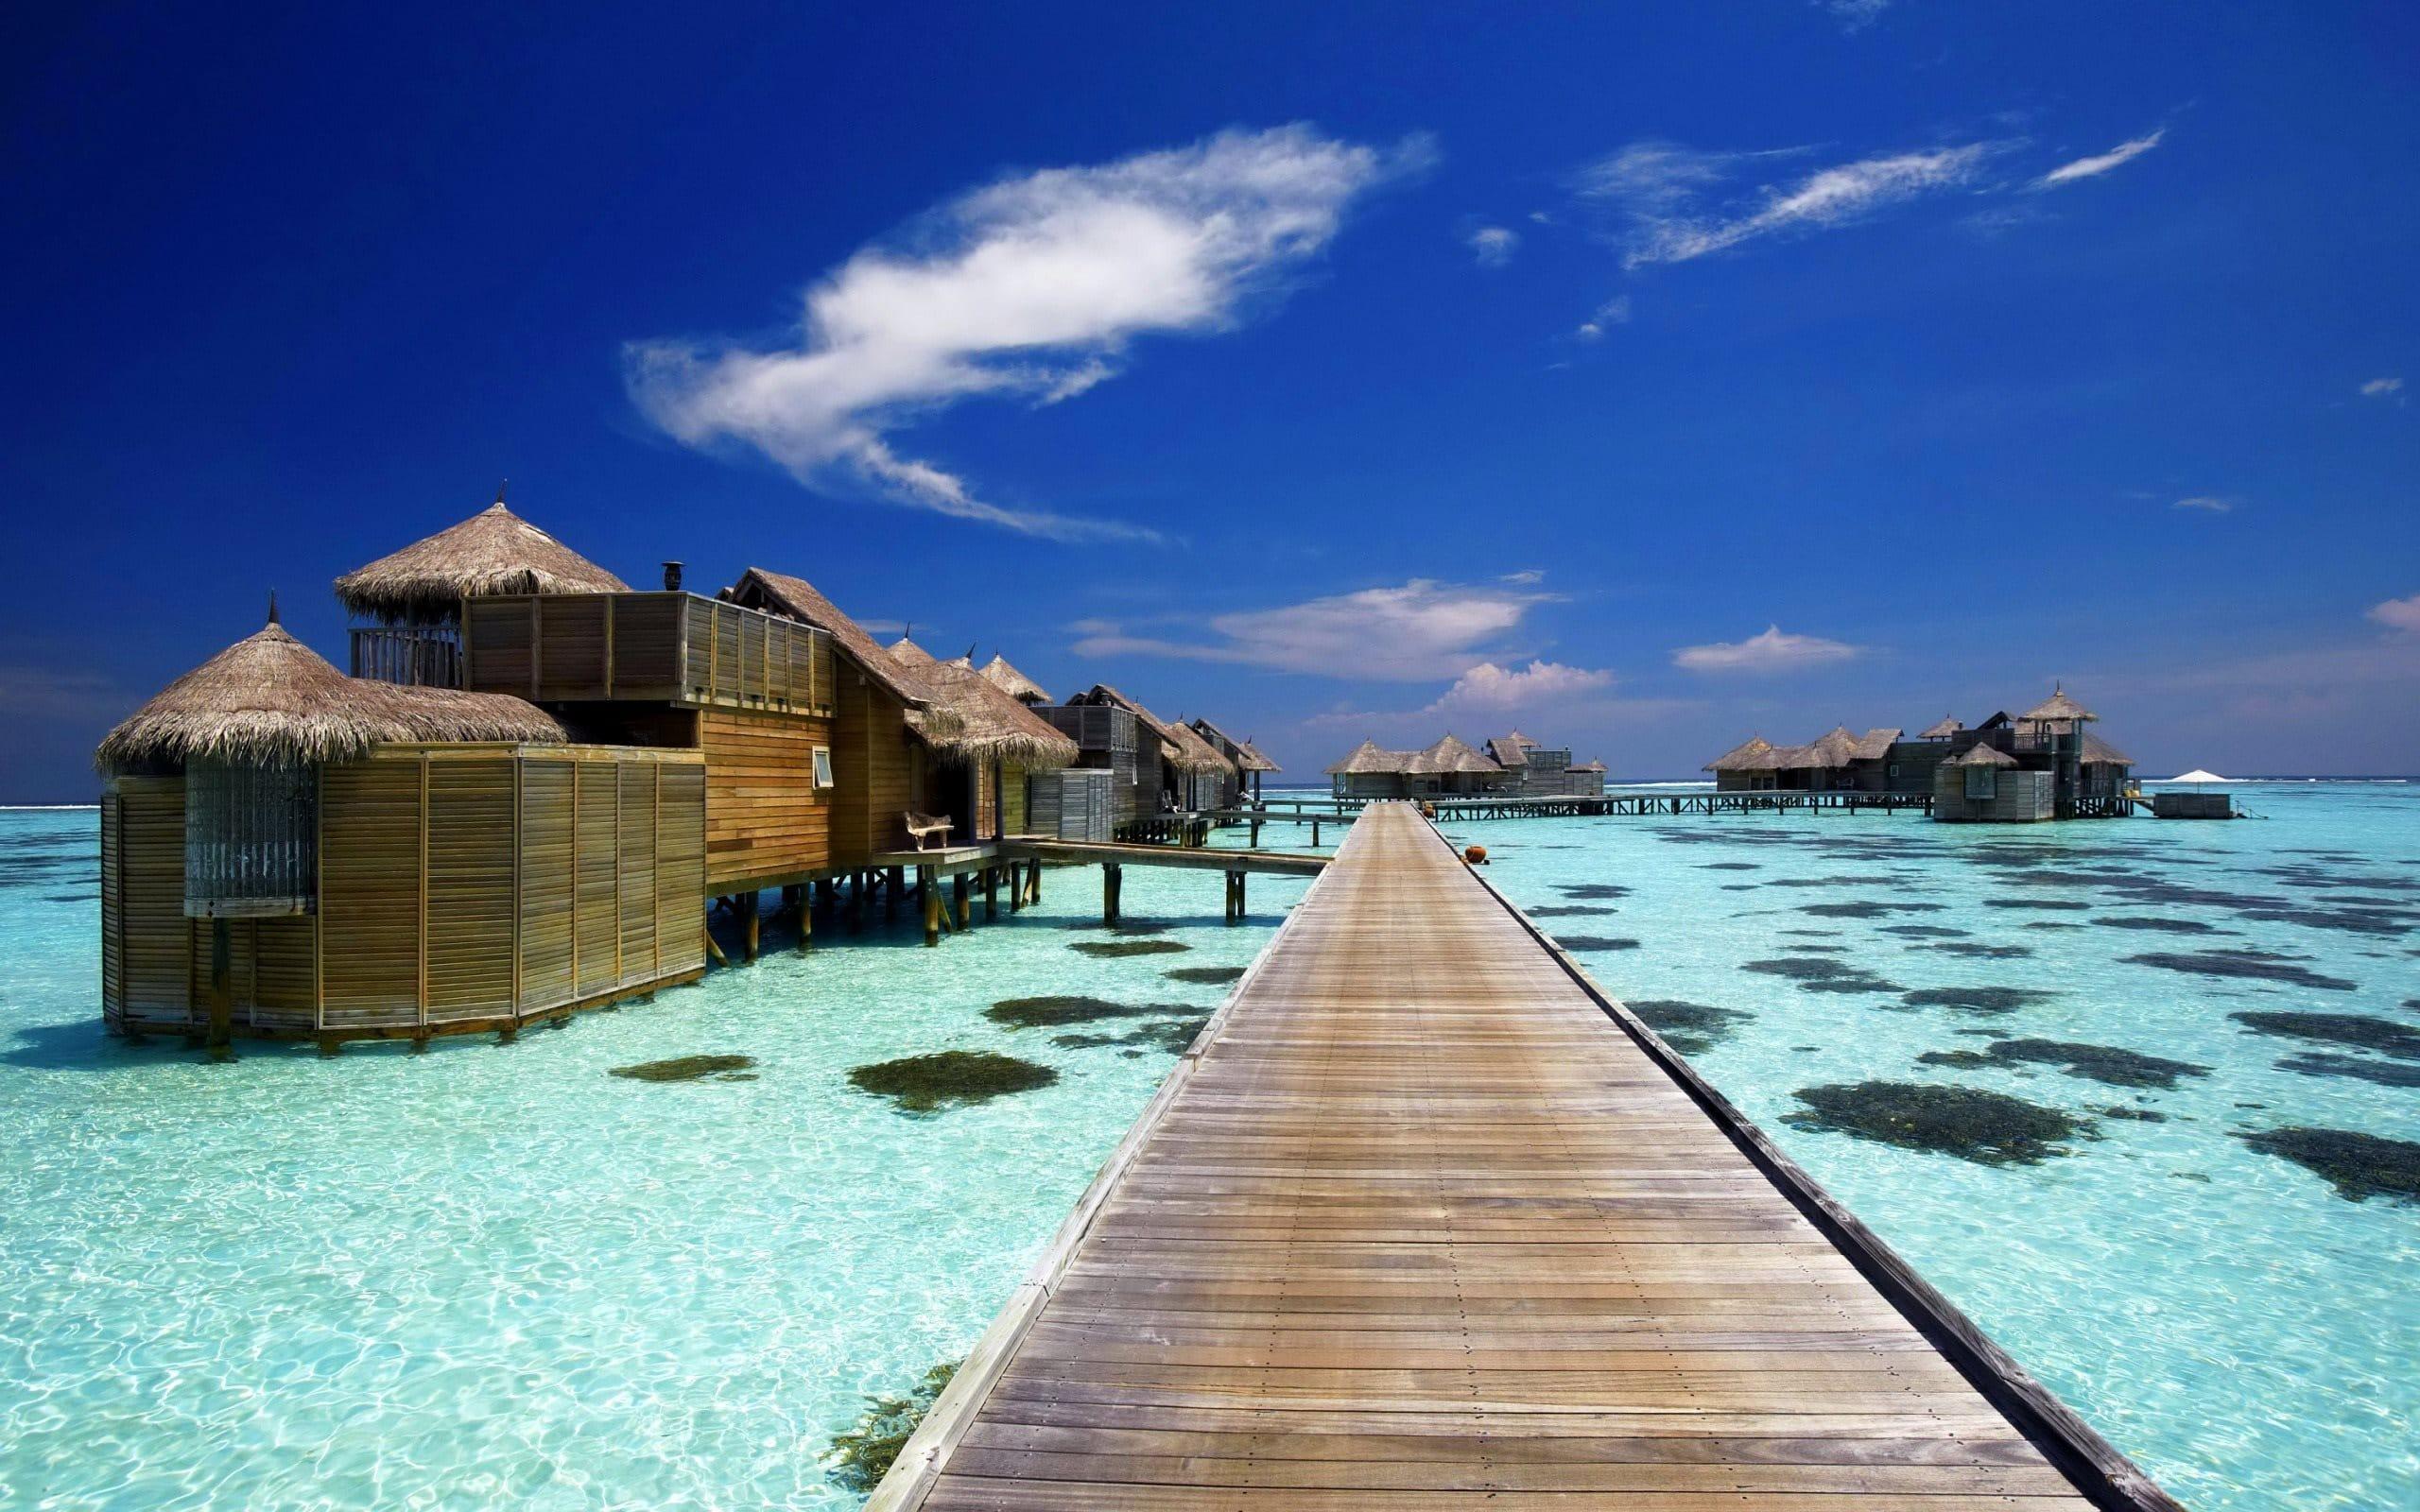 افضل ثلاث منتجعات فى المالديف | افضل ثلاث منتعجات سياحية فى المالديف